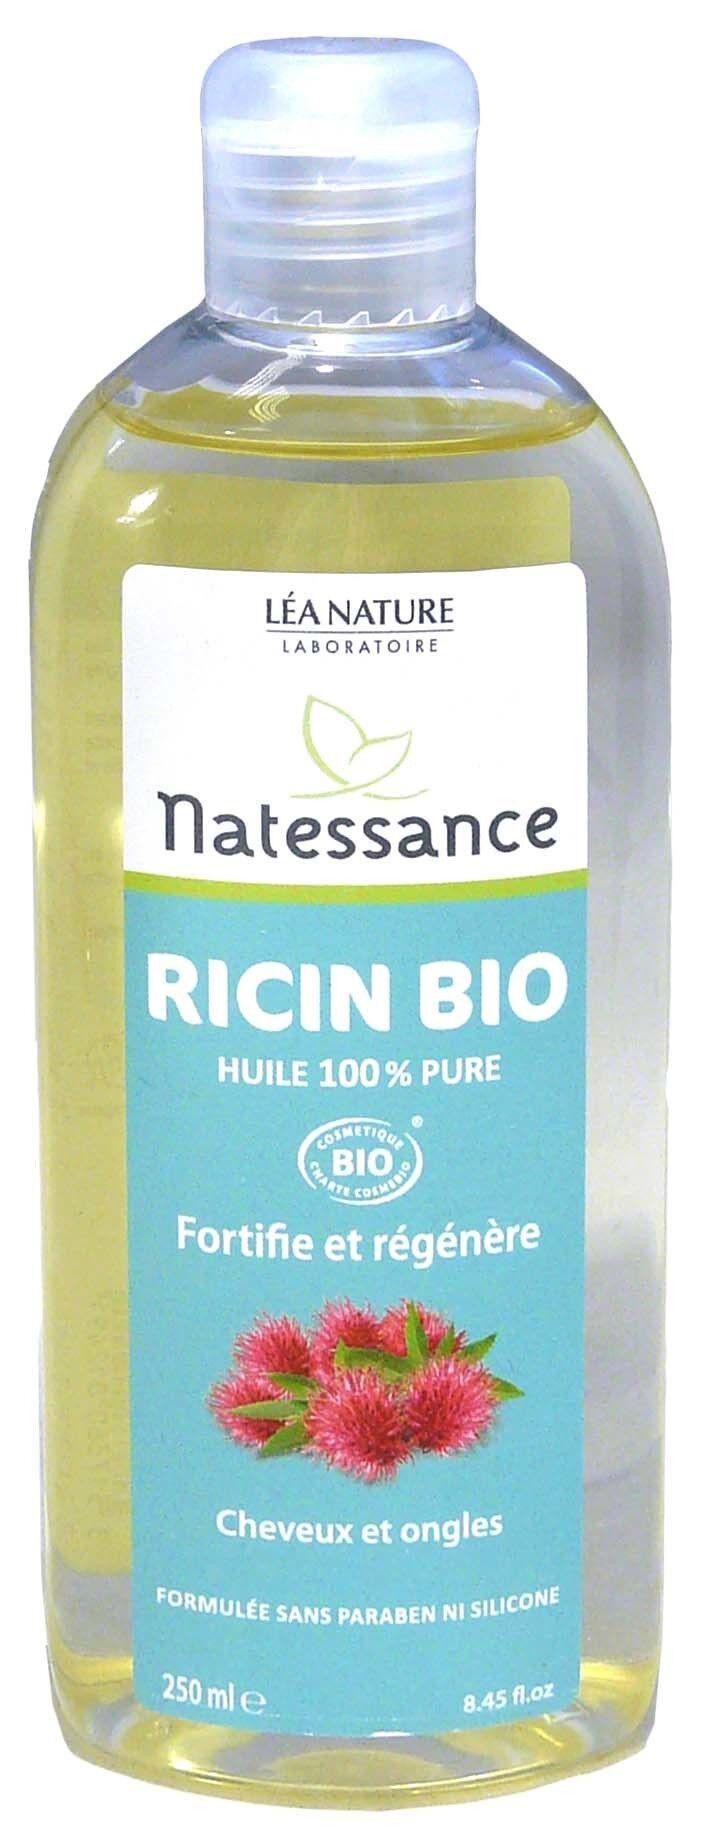 Natessance huile de ricin bio 250ml